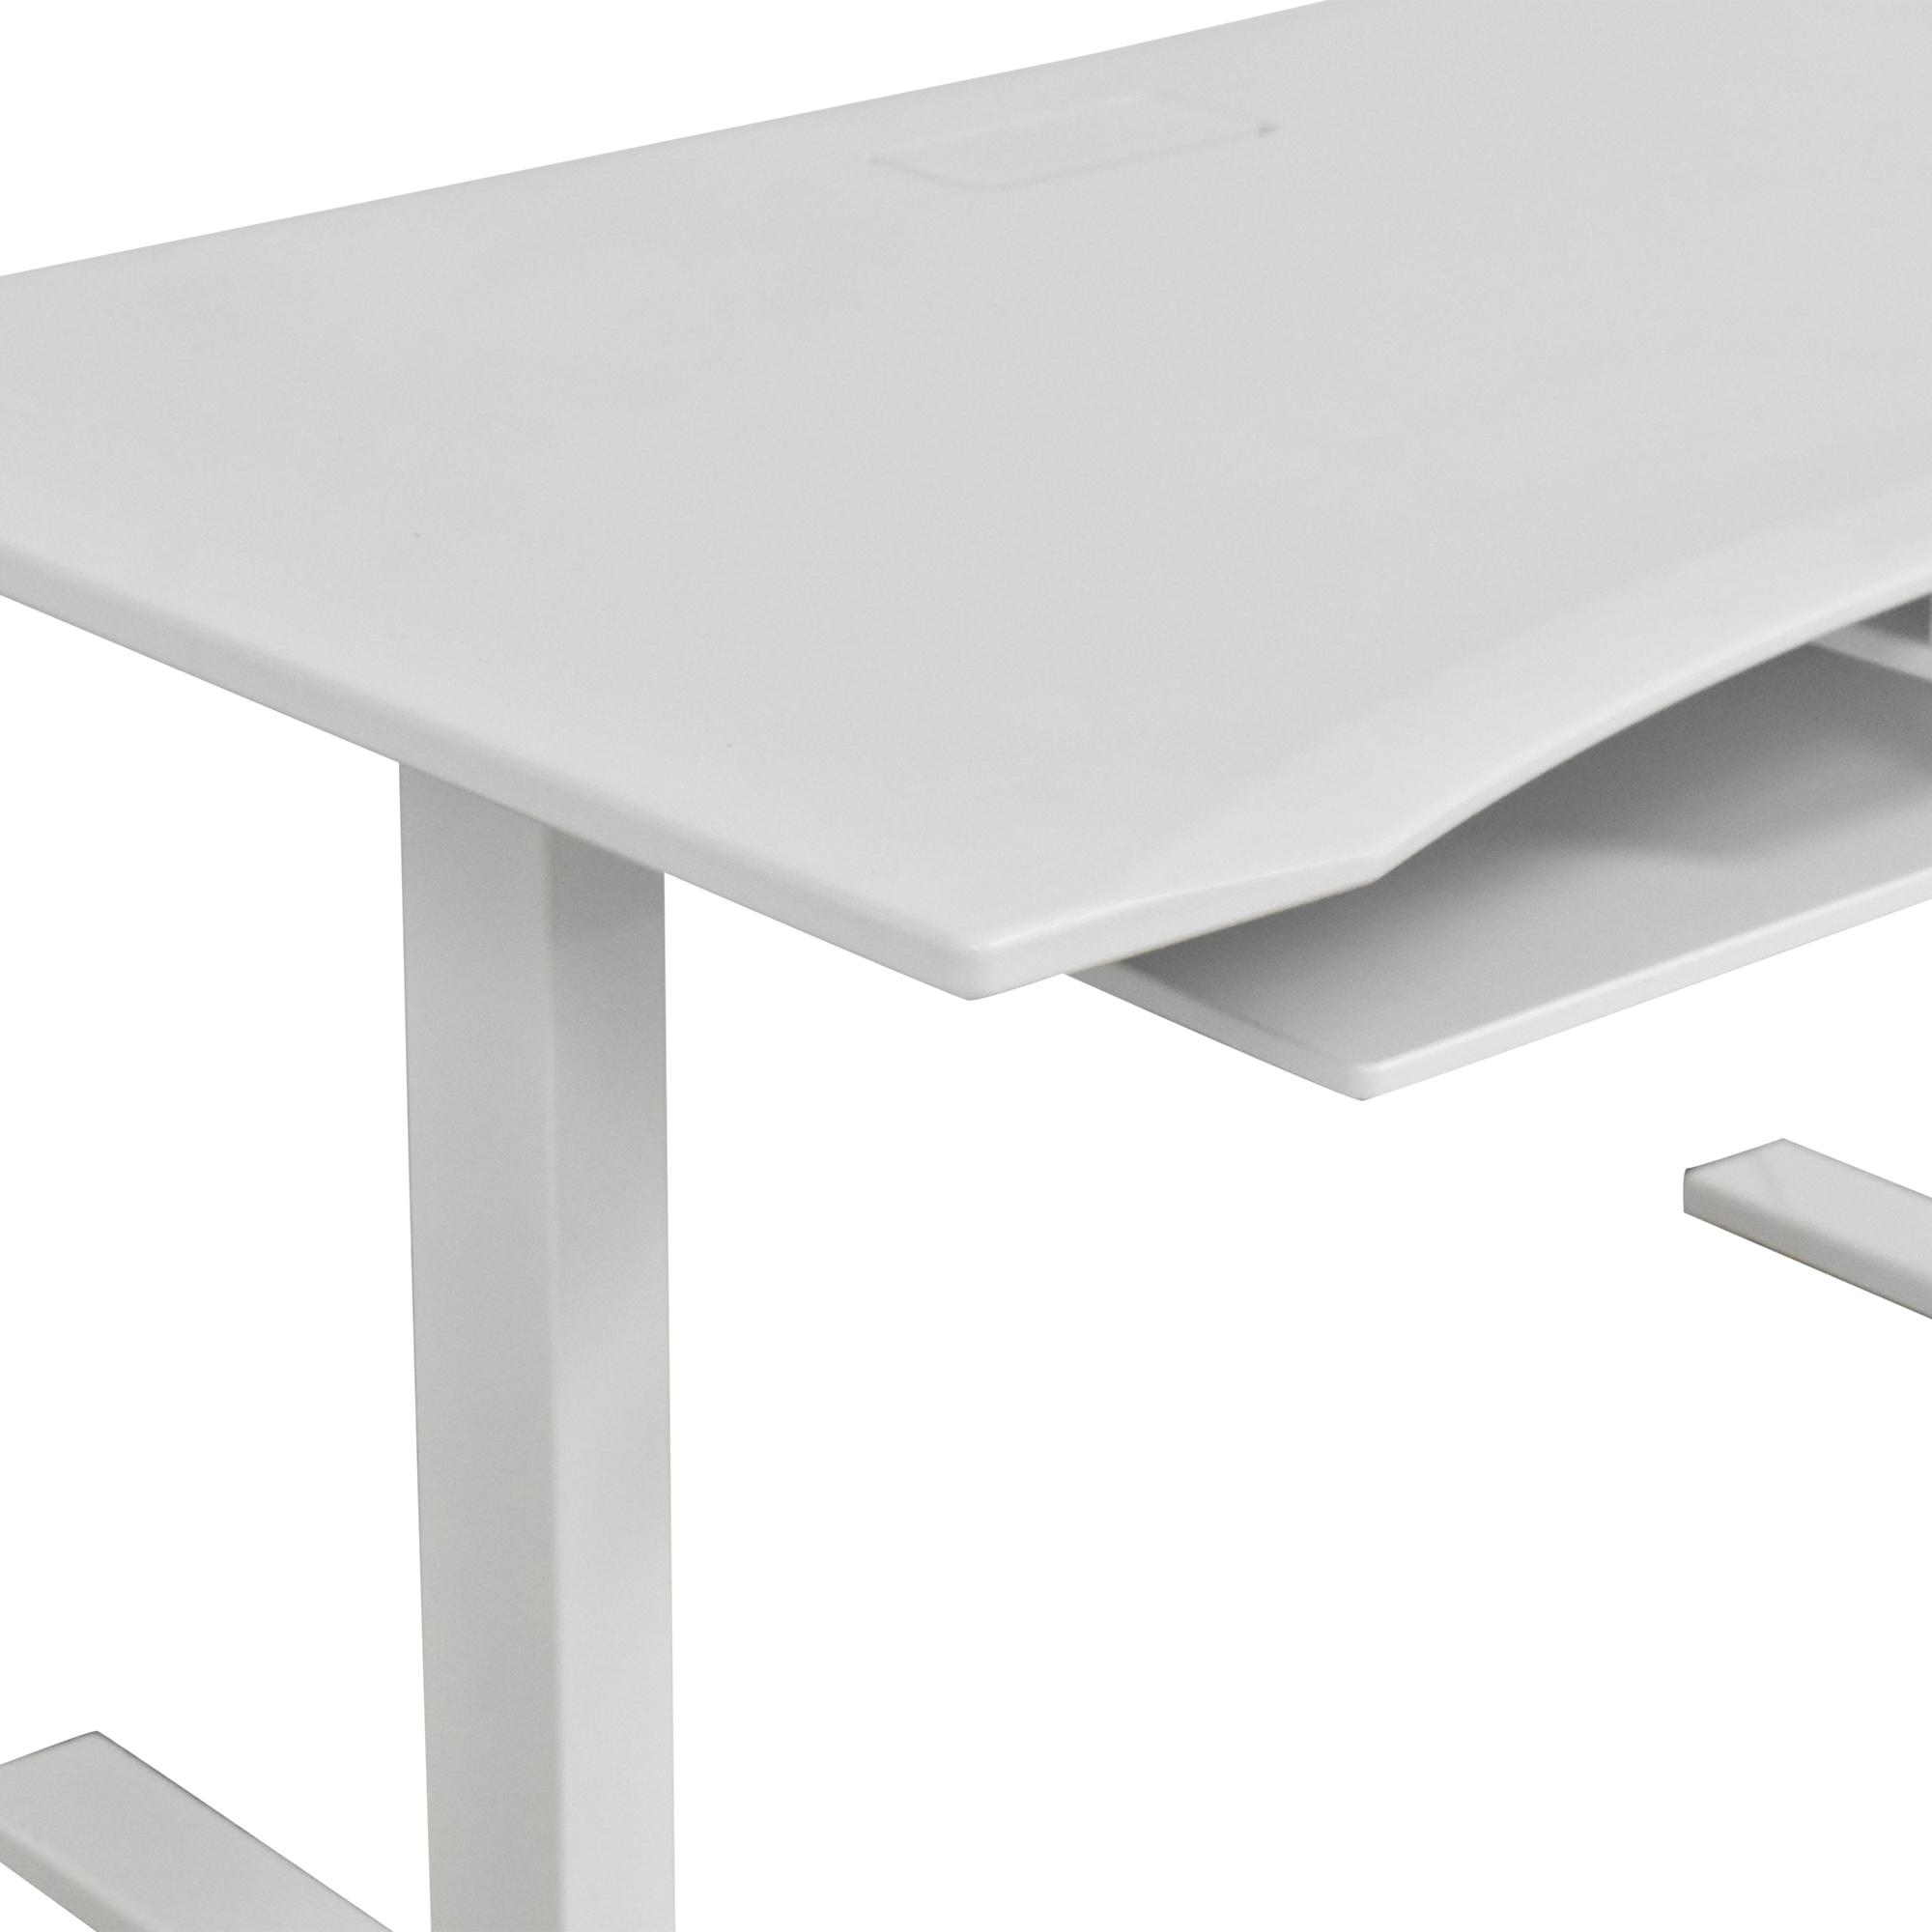 buy Evodesk Power Adjustable Standing Desk Evodesk Home Office Desks